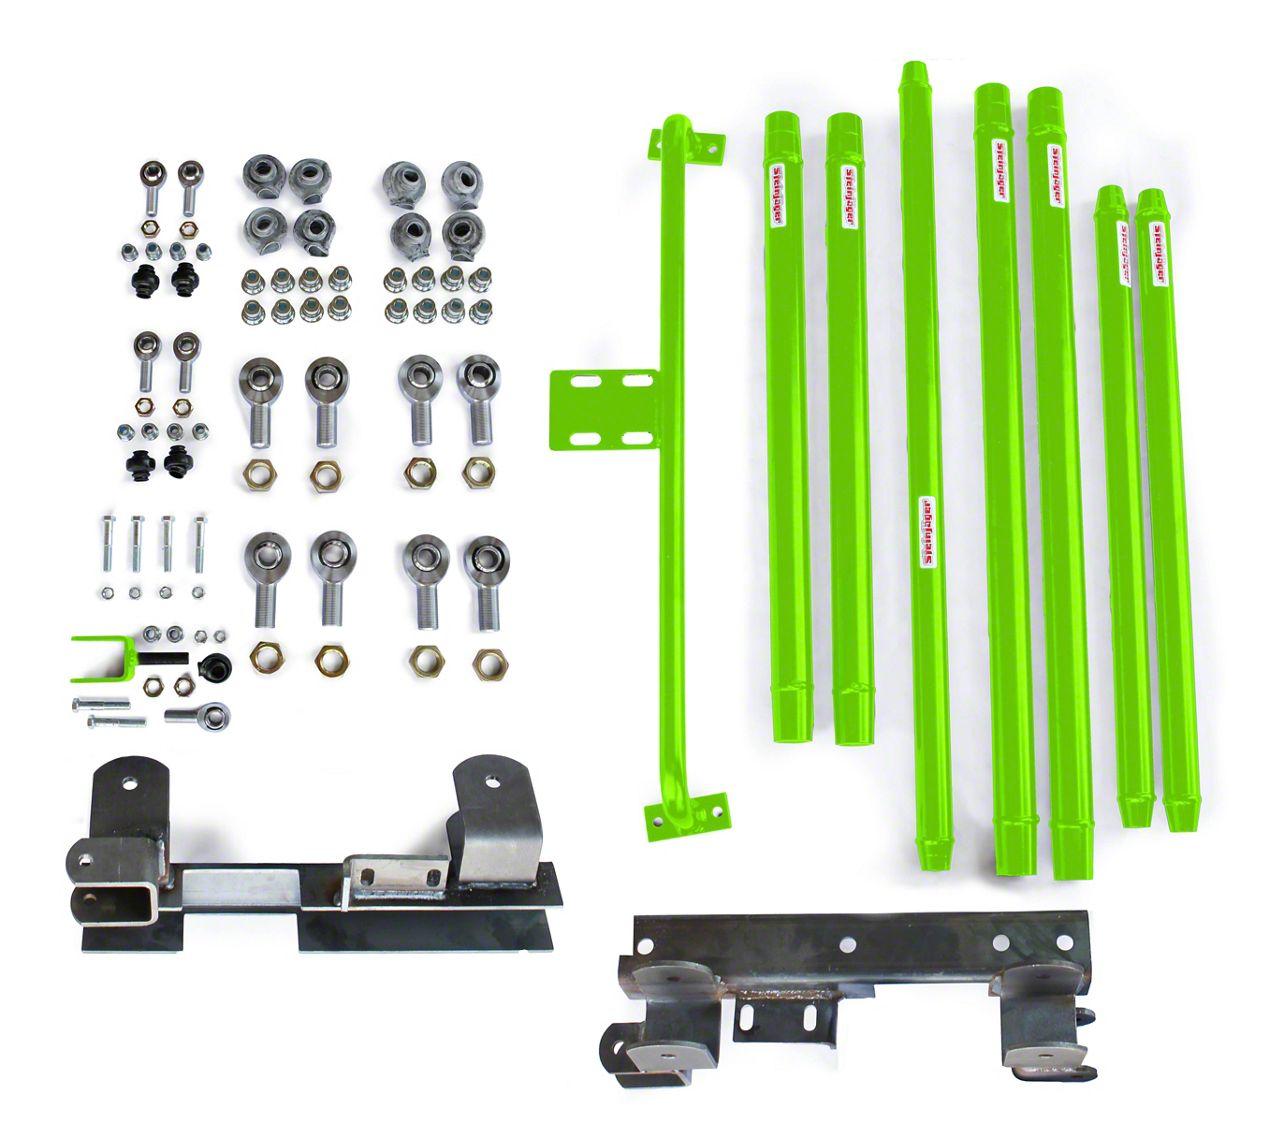 Steinjager Chrome Moly Tube Long Arm Tavel Kit for 2-6 in. Lift - Neon Green (97-06 Jeep Wrangler TJ)